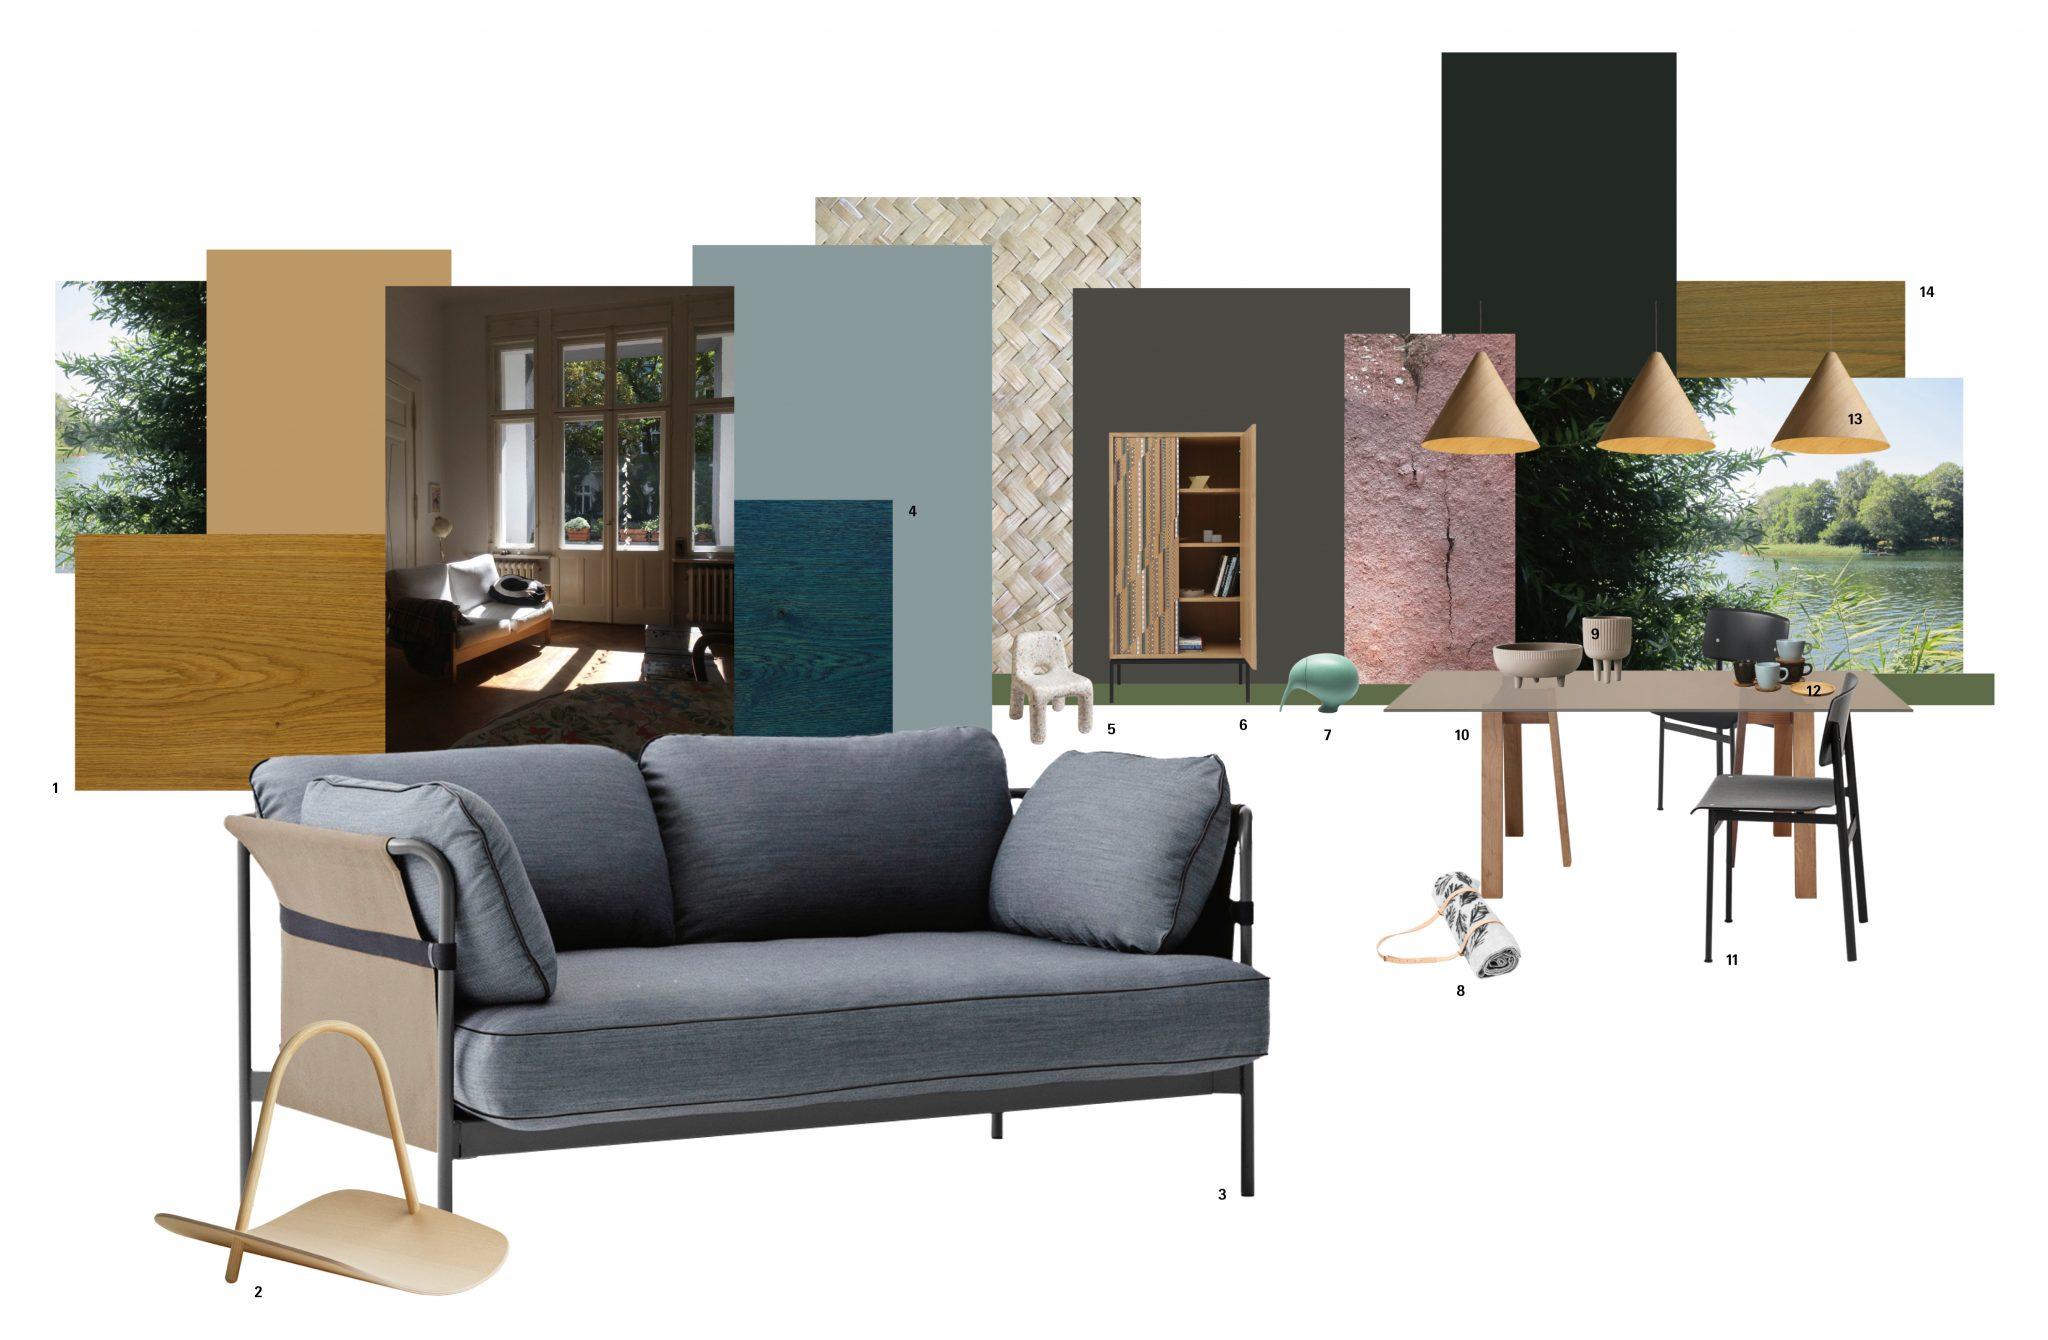 Čo ovládne interiéry v roku 2019? Pokojná atmosféra uspokojí túžbu po pohode